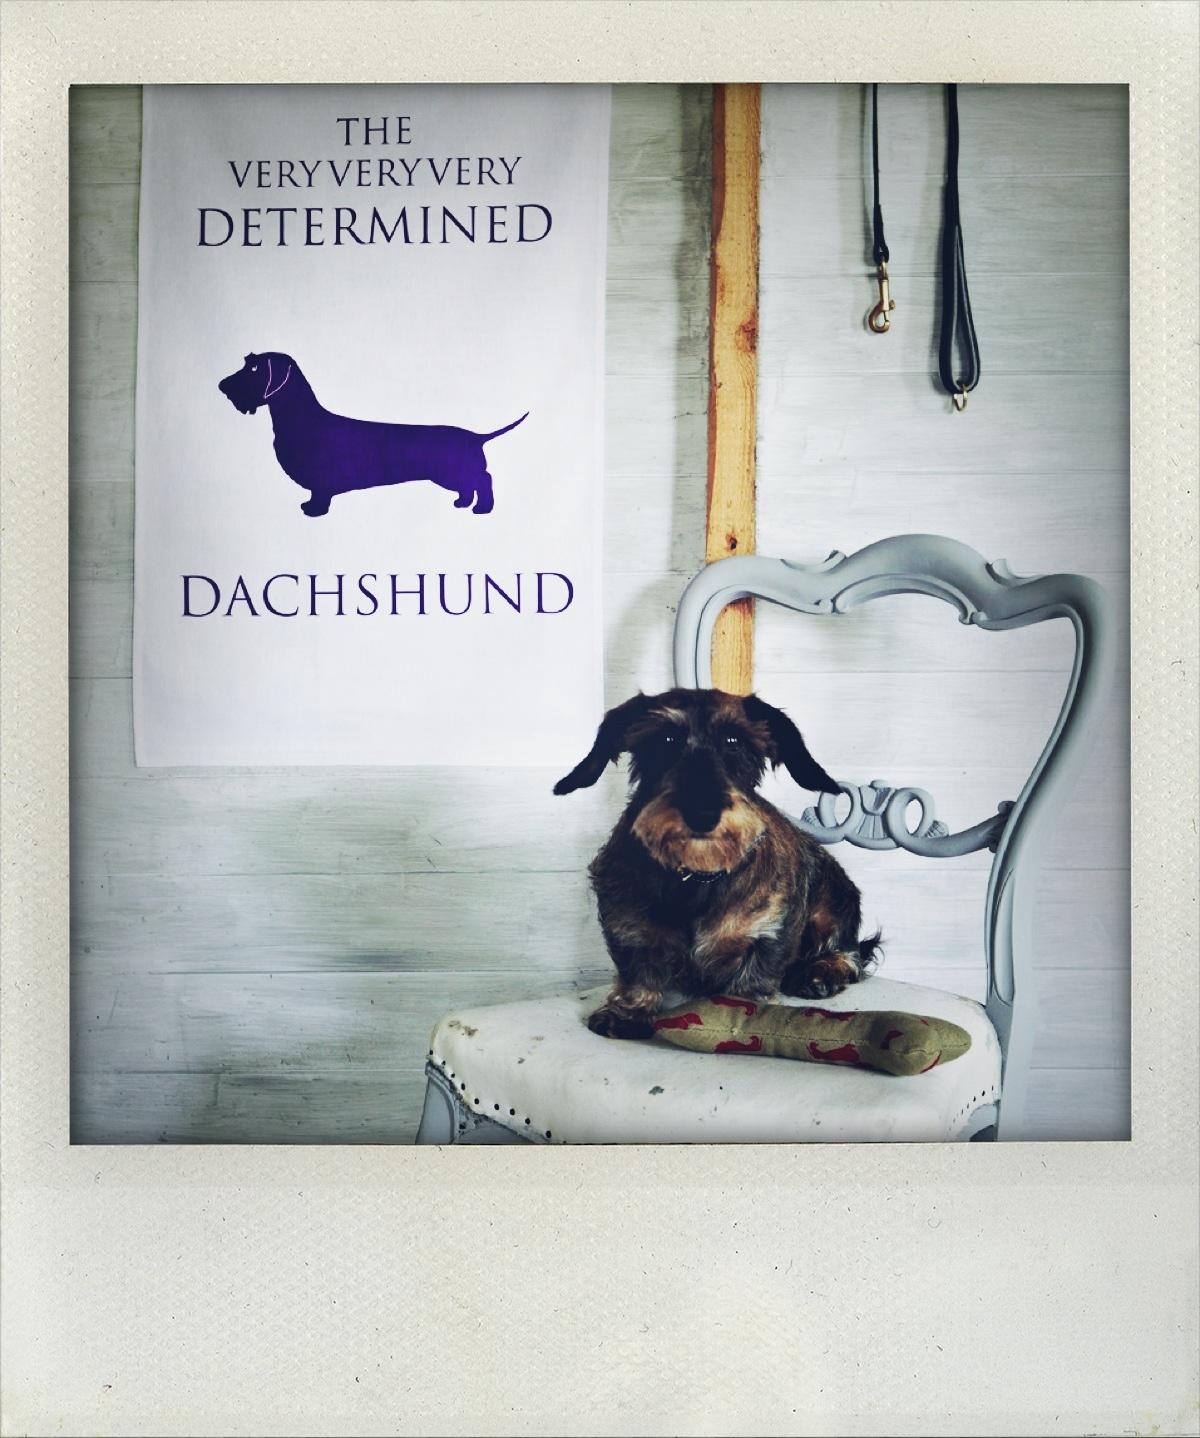 The Very very very determined dachshund |